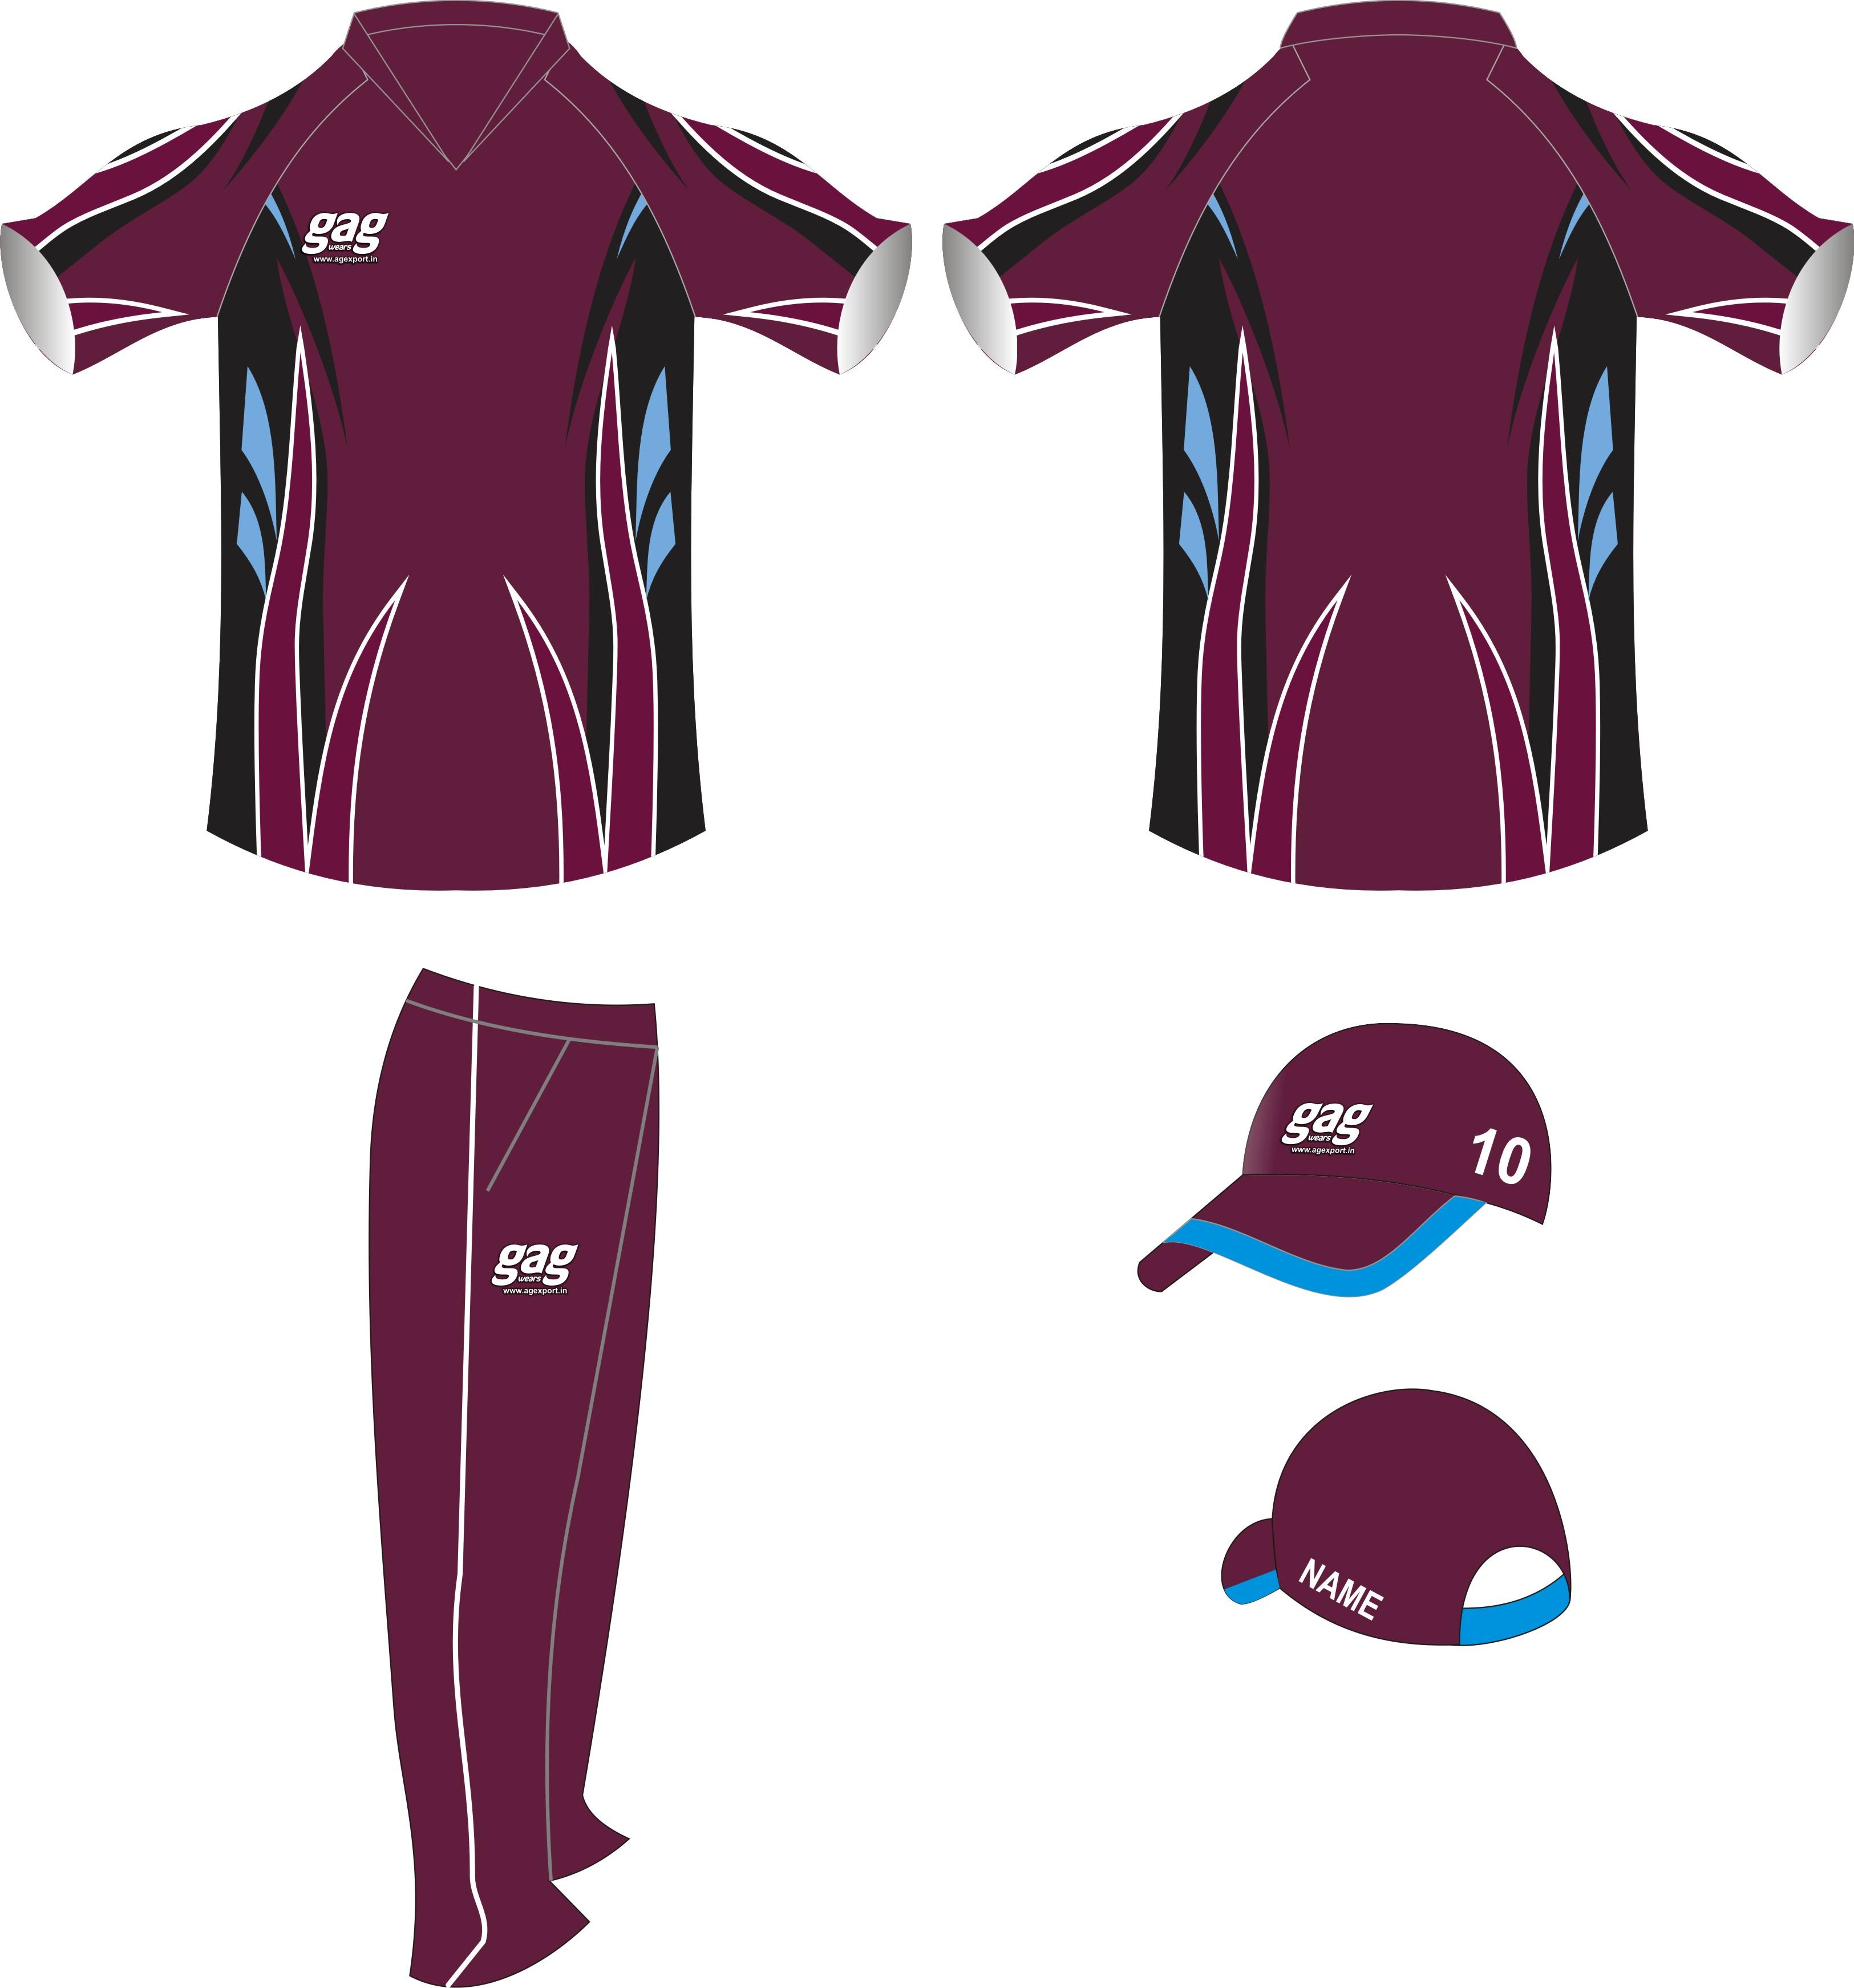 86c4a0d5c0e Bangladesh Cricket World Cup 2020 Jersey - Buy Bangladesh Cricket ...